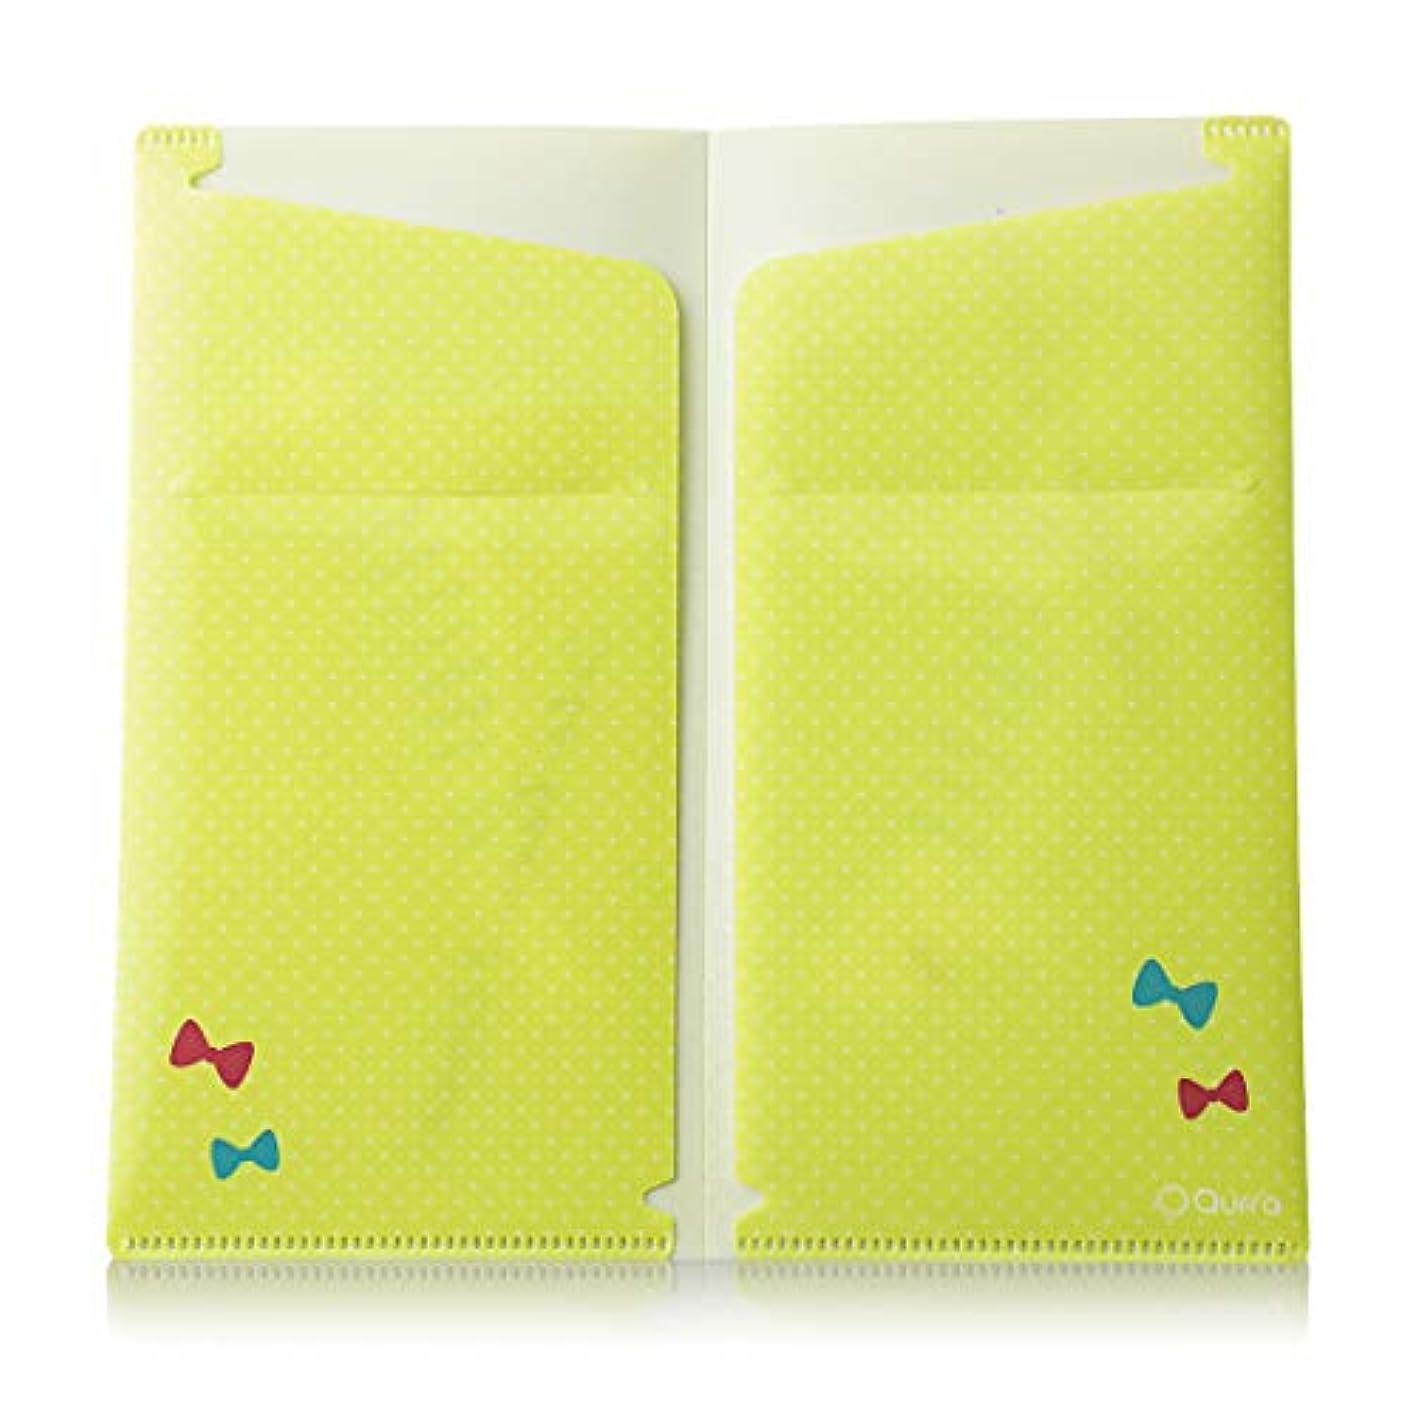 食品便益海Qurra(Beauty) 抗菌マスク 用 ケース 日本製 マスク入れ カバー ポケット 4つ 3R SYSTEMS (ノビキャット:黄)